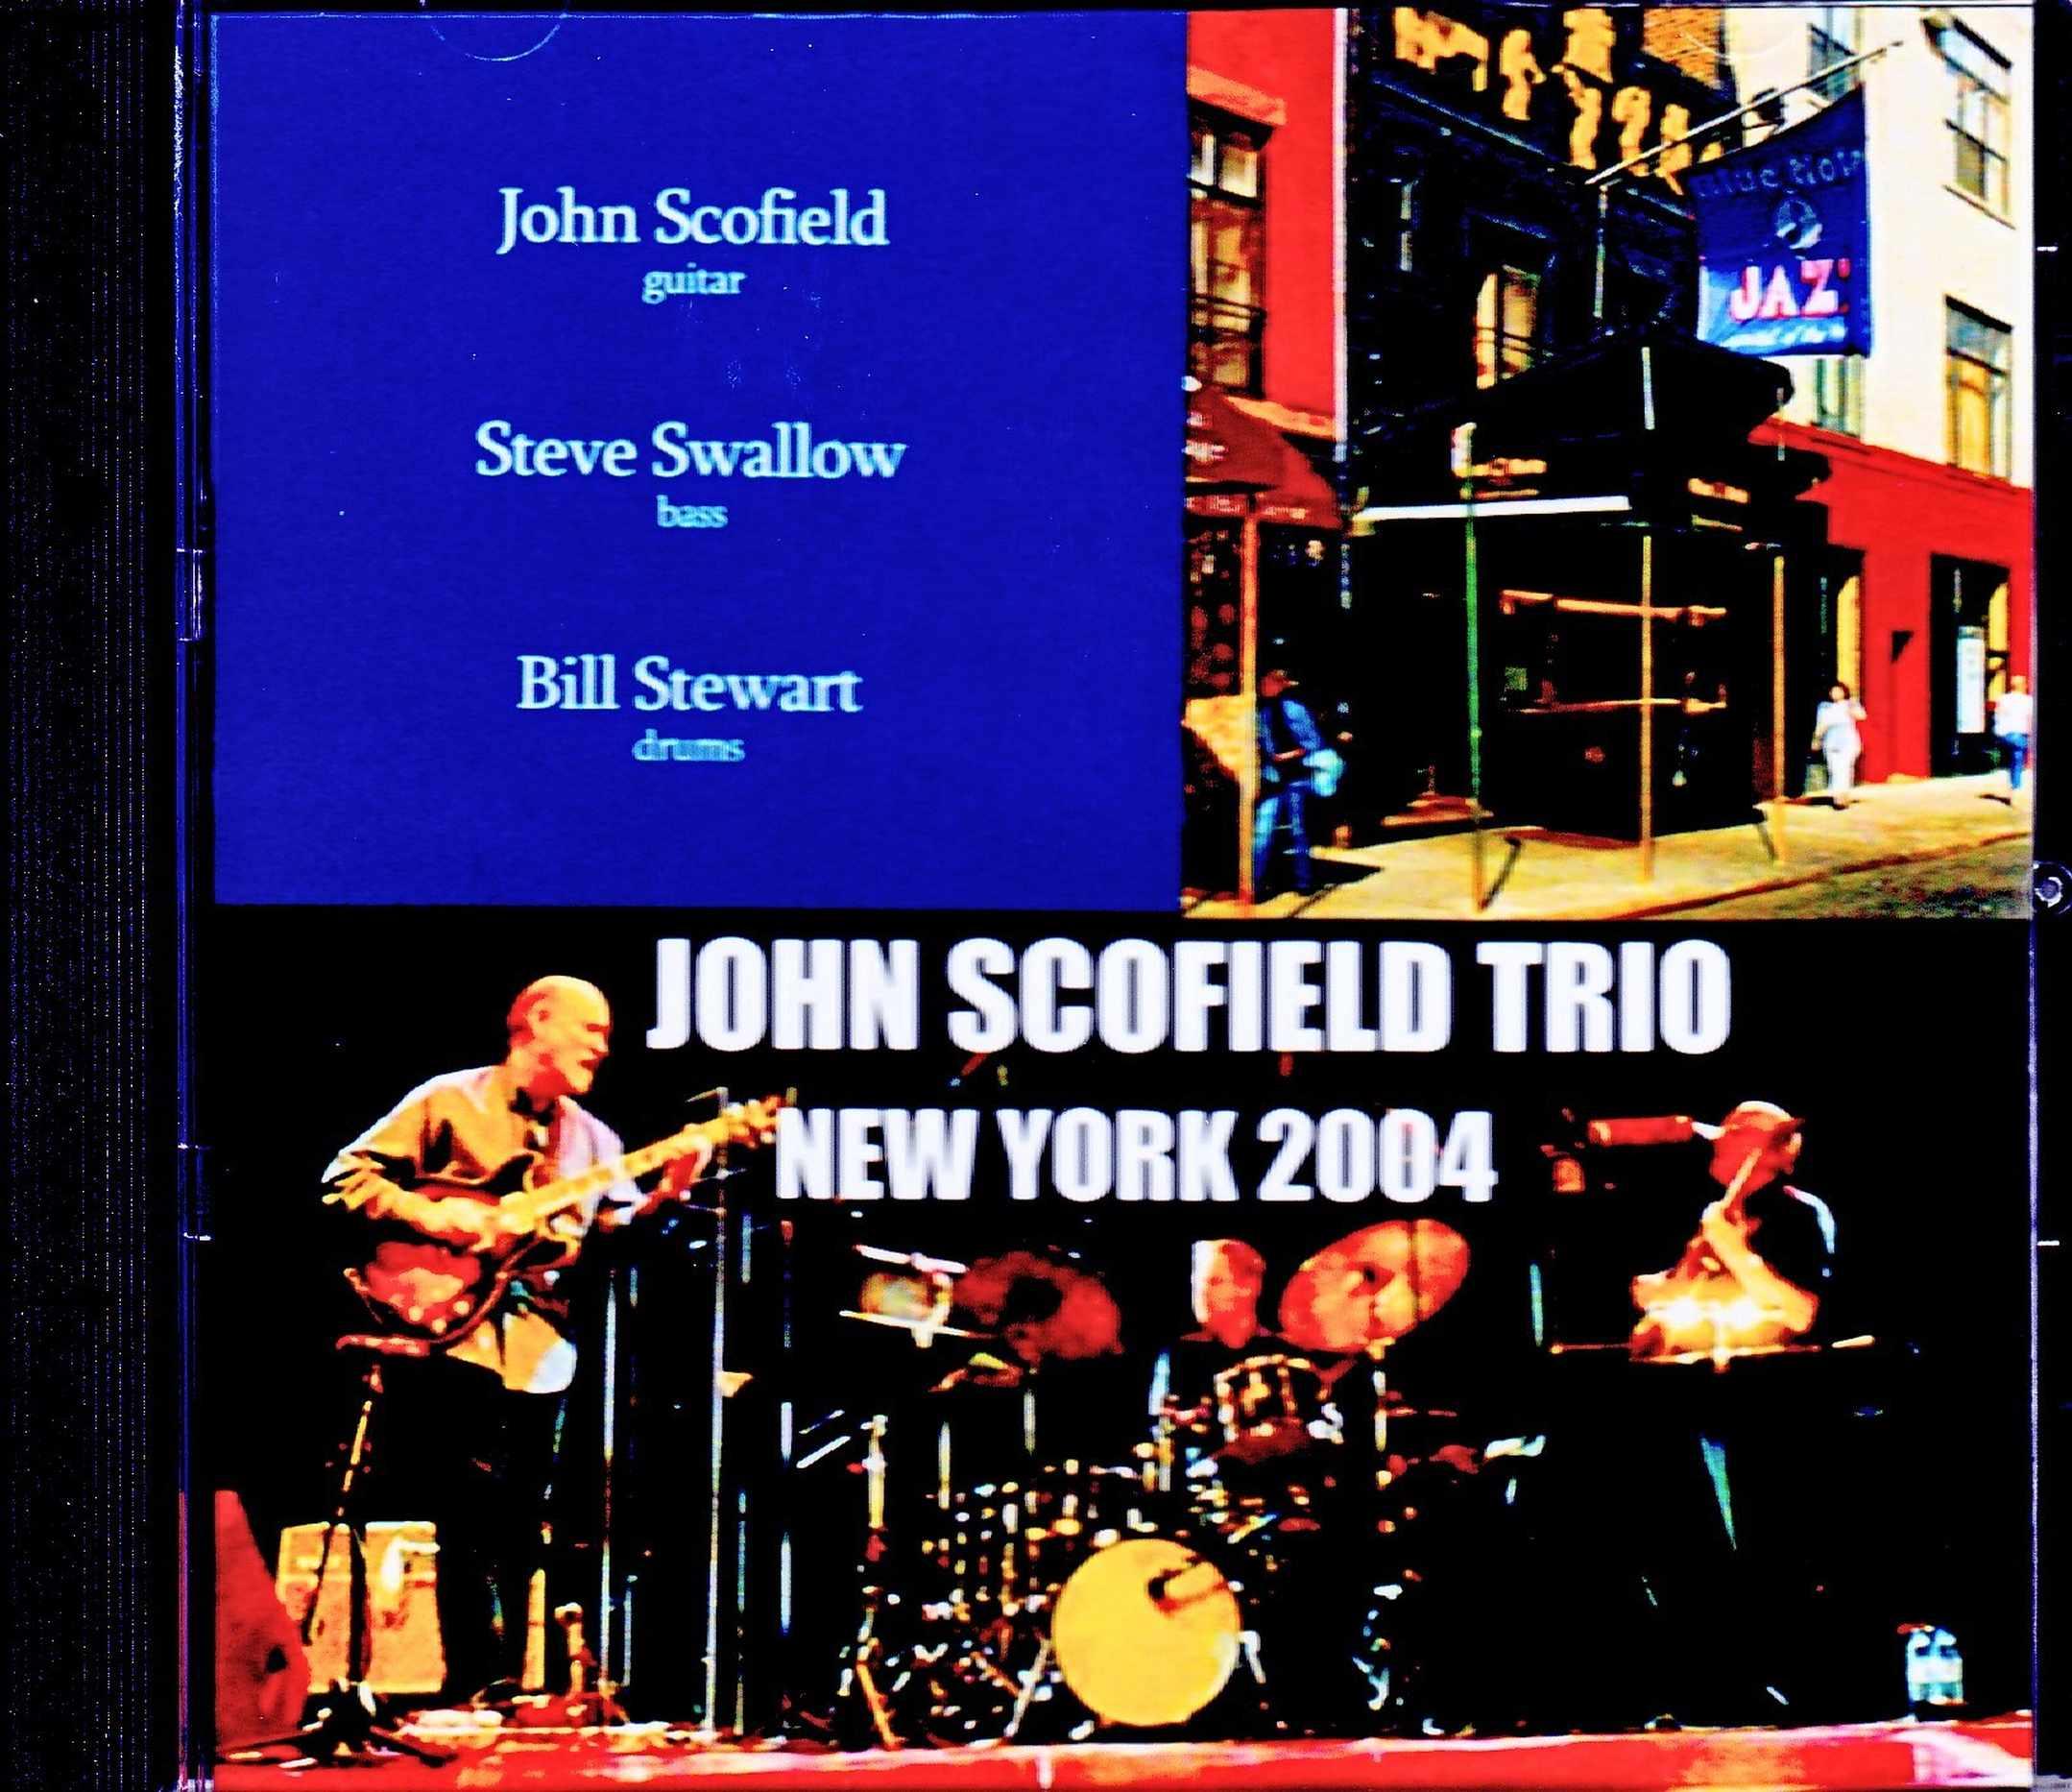 John Scofield Trio ジョン・スコフィールド/NY,USA 2004